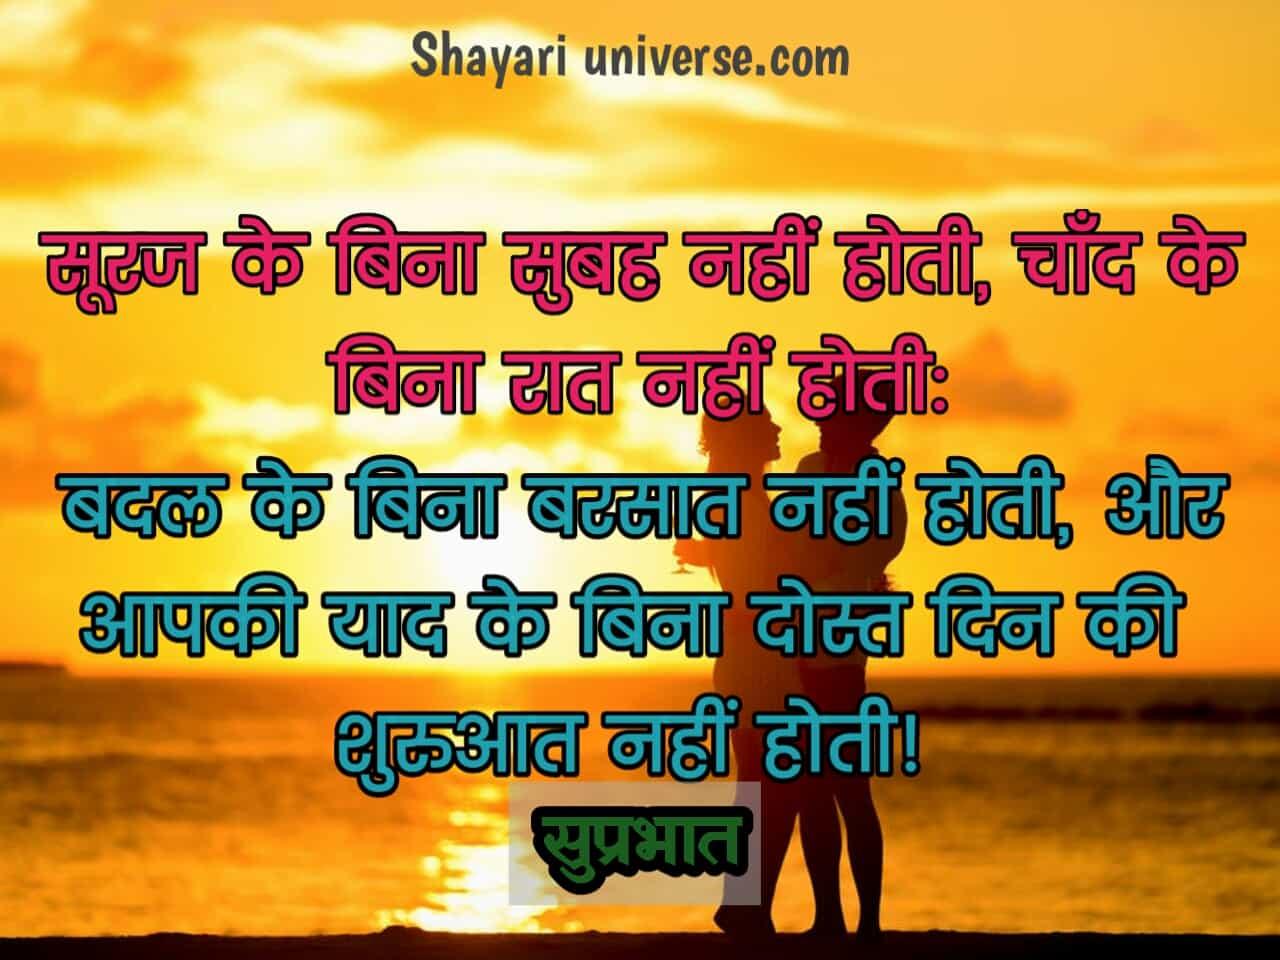 gm shayari image